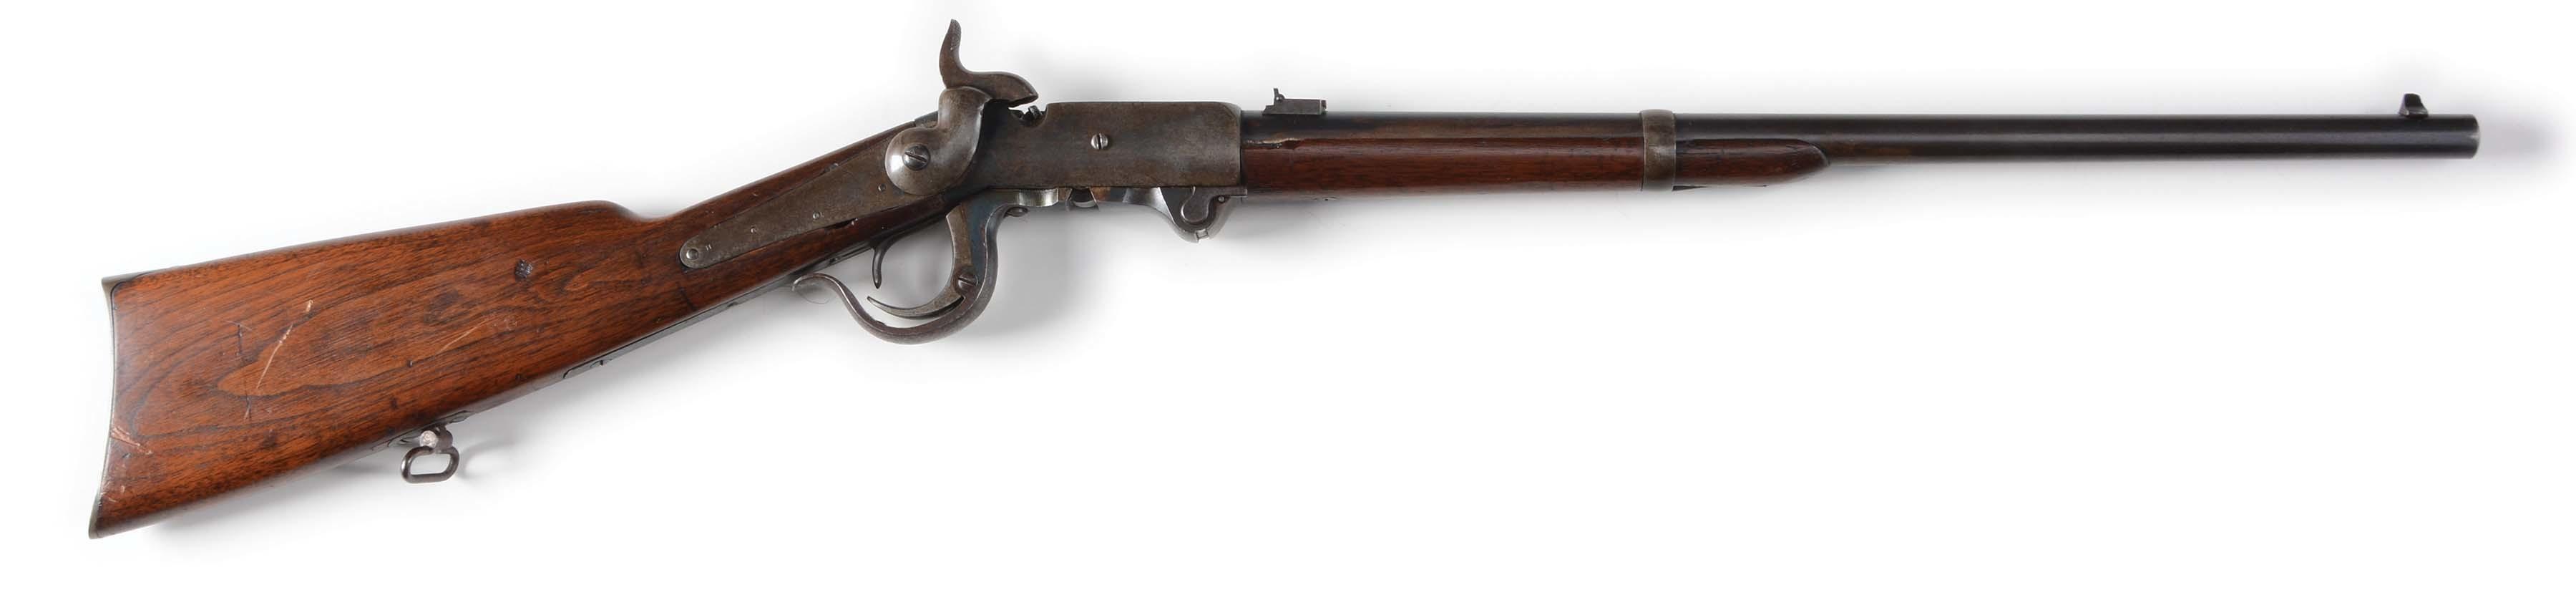 Burnside Modell 1865 Karabiner